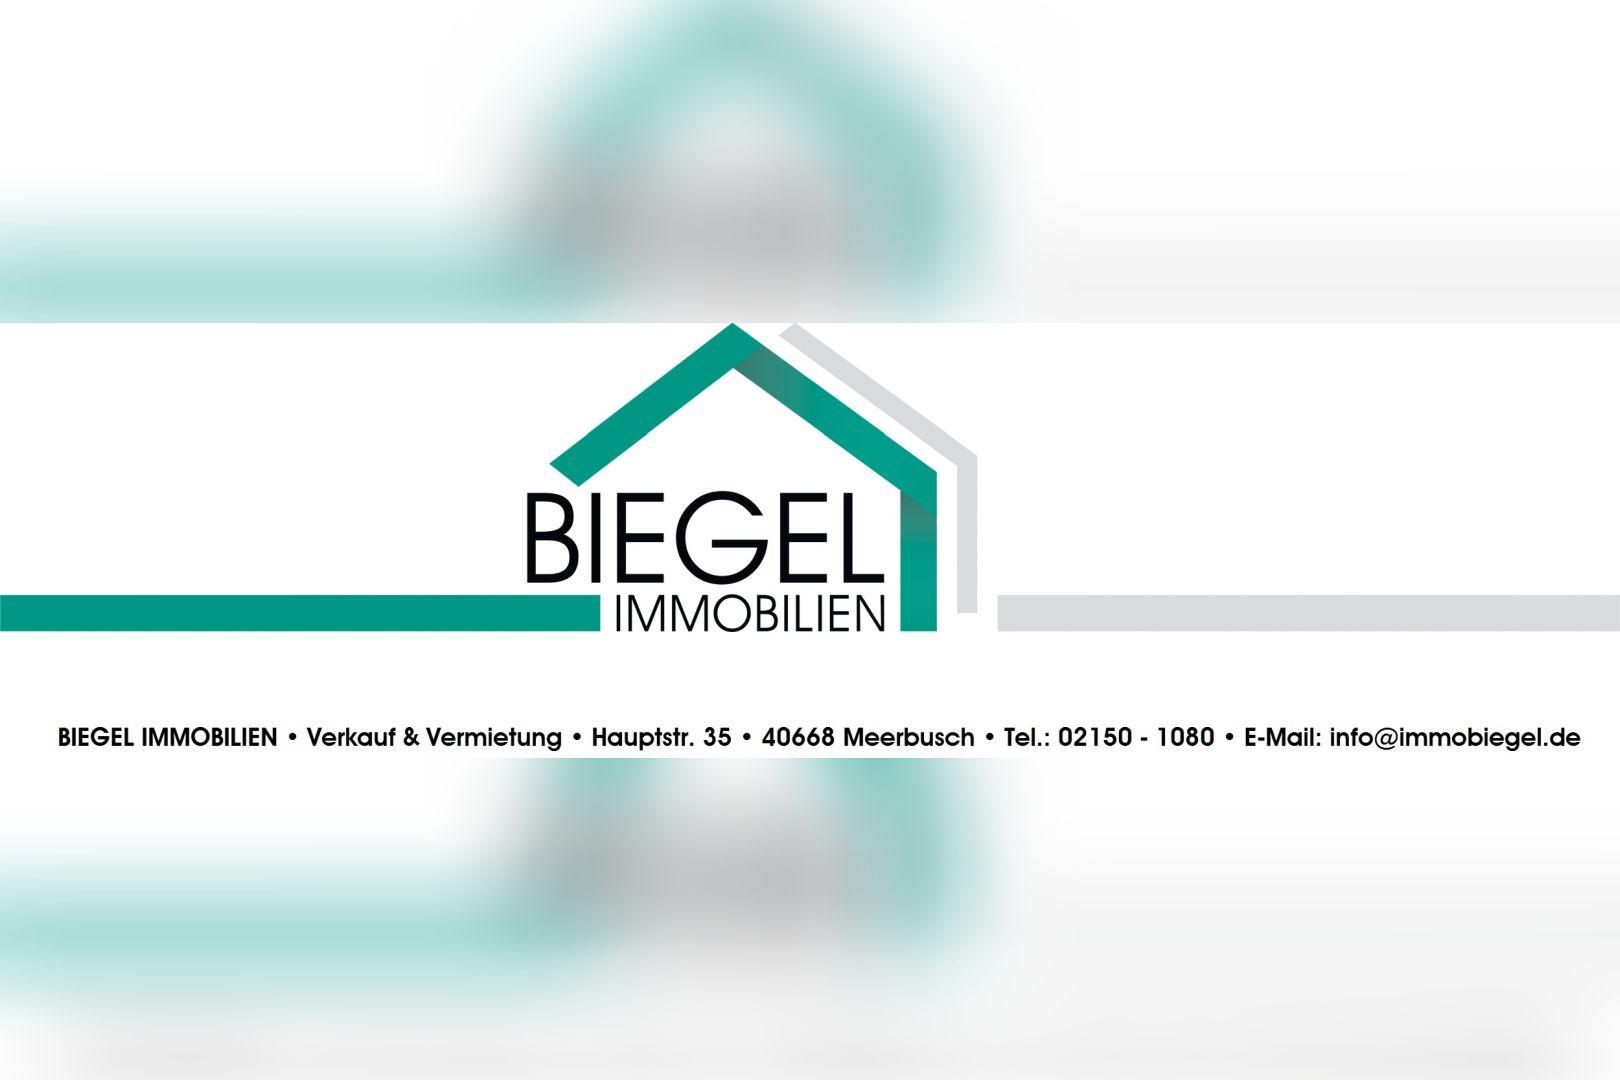 Immobilie Nr.Hilden 10 + 11 - Für Büro-Praxis-Service-Dienstleistung in absoluter Werbelage! - Bild 11.jpg